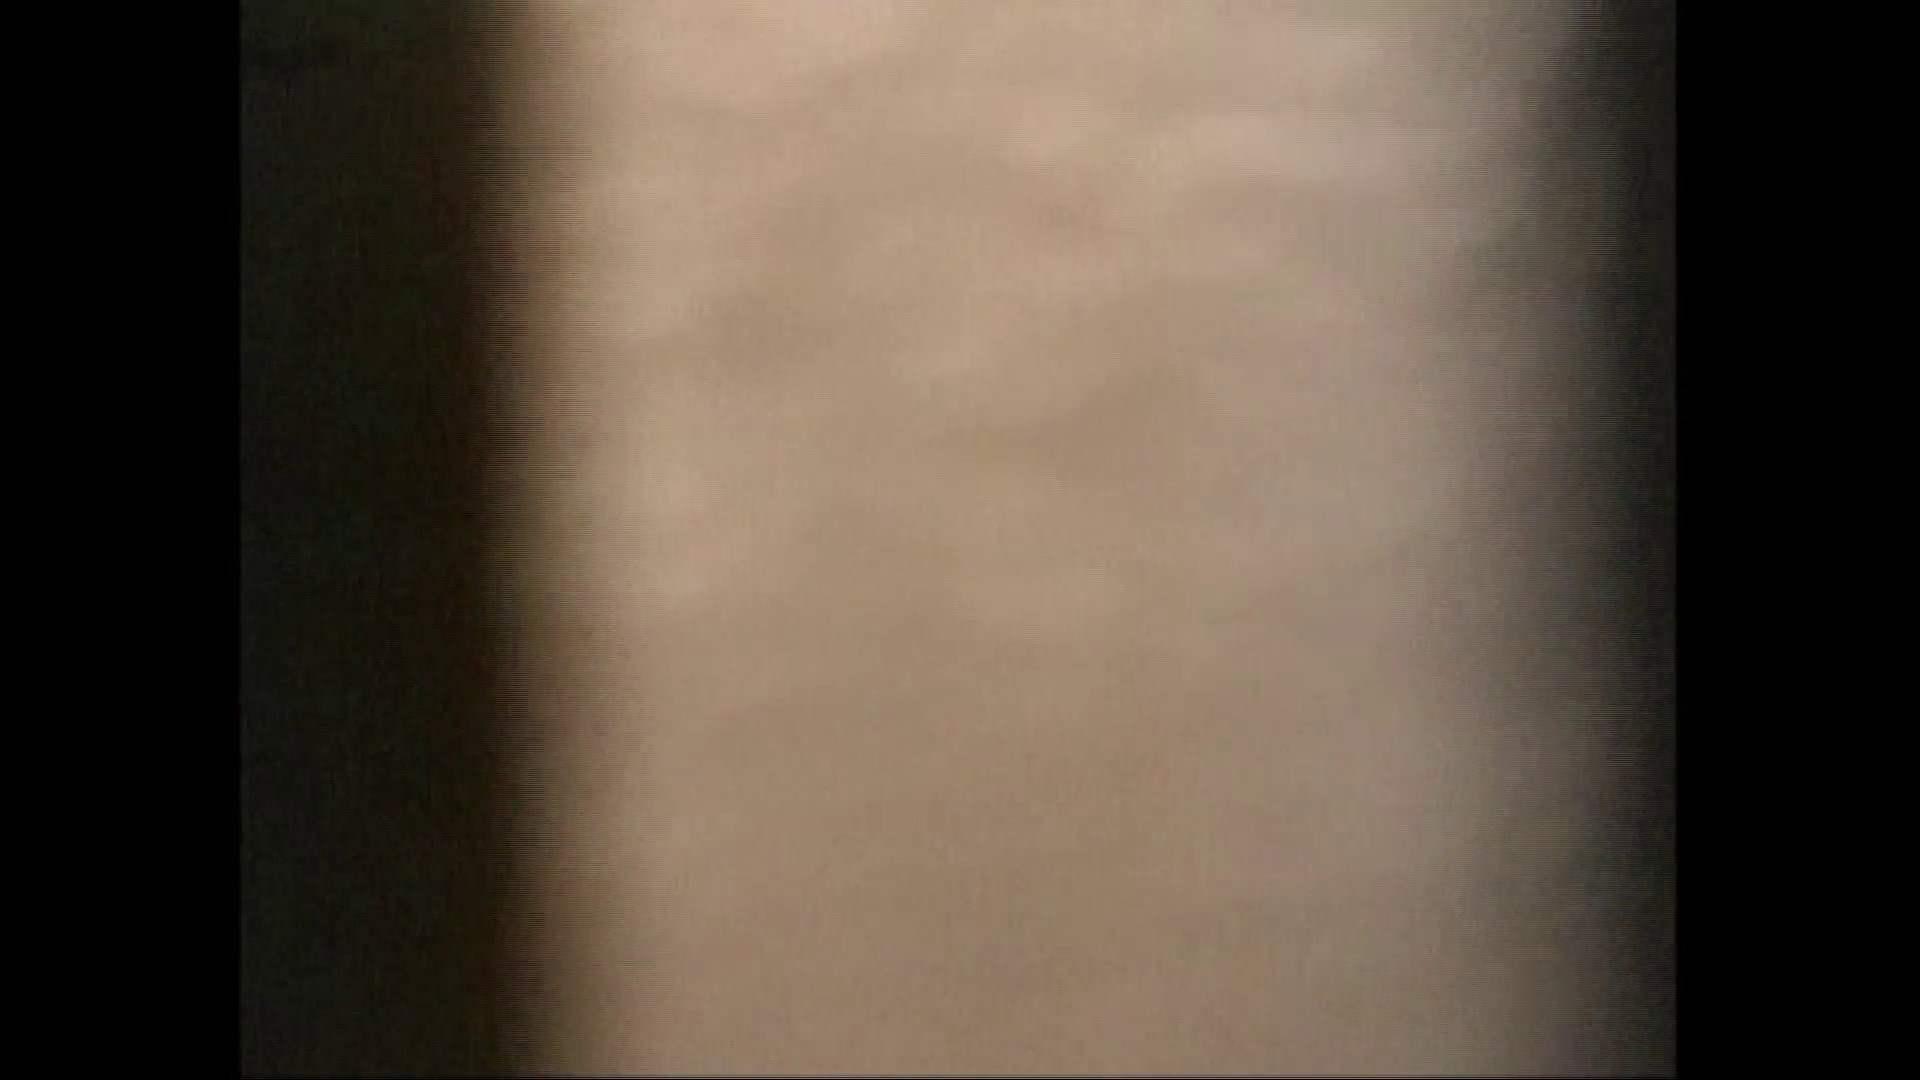 隙間からノゾク風呂 Vol.29 股をグイッとひらいて・・・。 入浴中の女性 | OLのボディ  69PIX 19